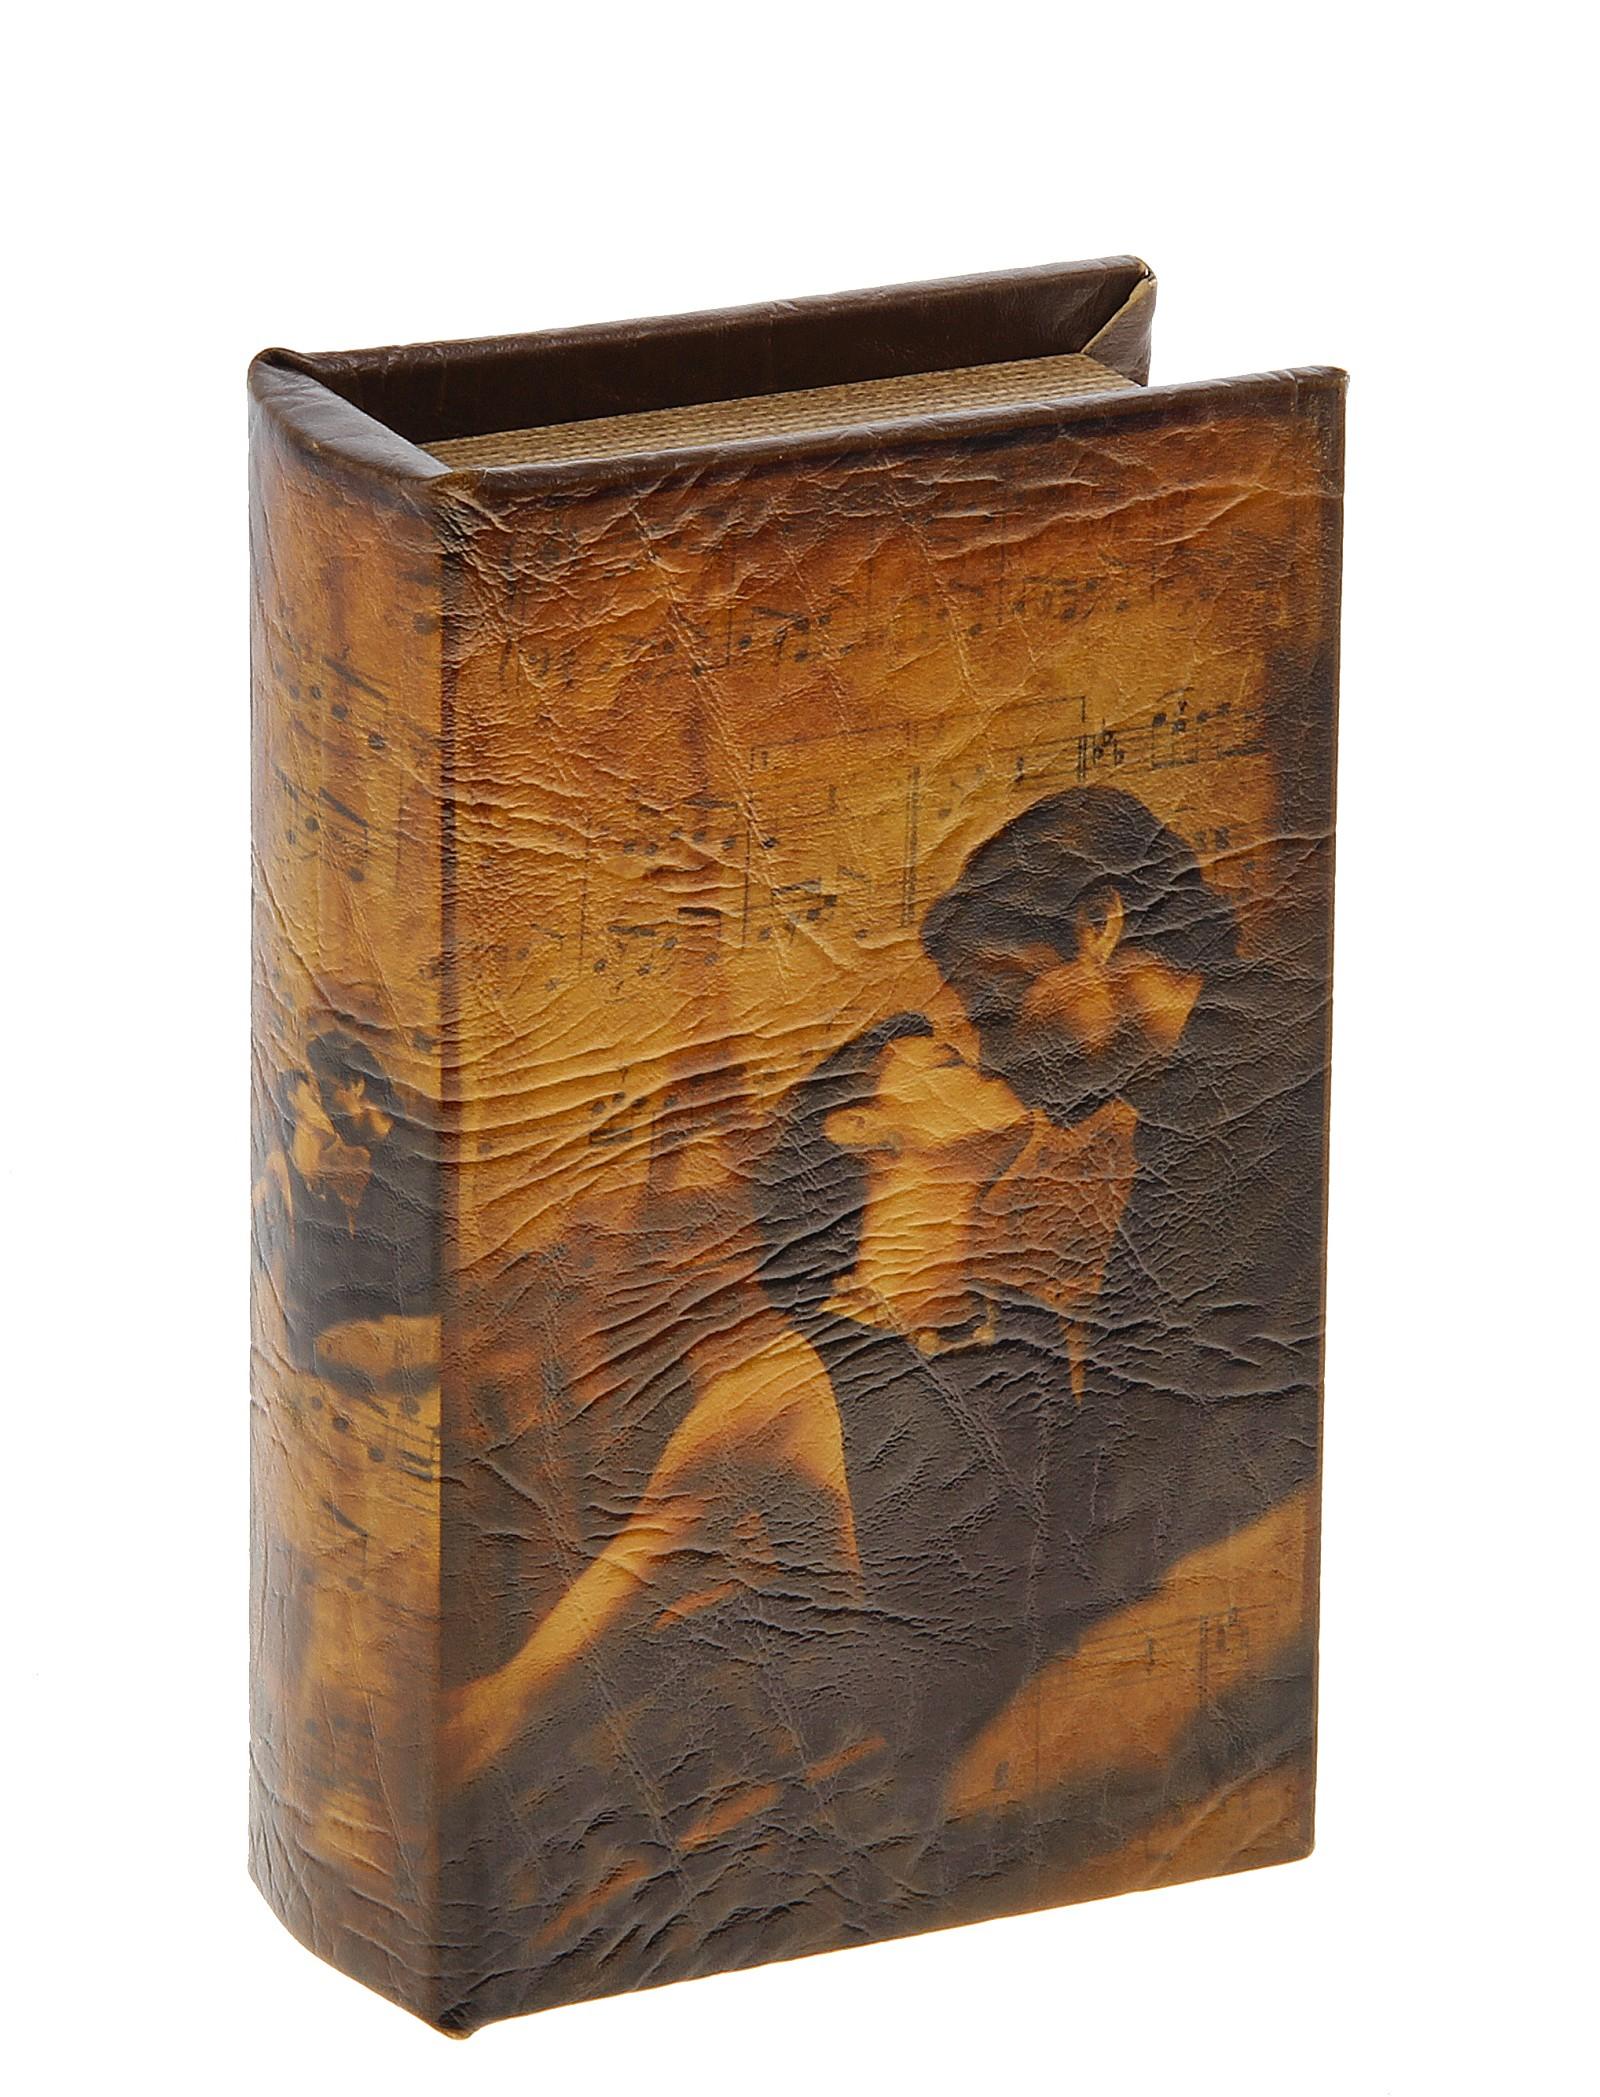 Шкатулка-книга Поцелуй. 44417239735Оригинальное оформление шкатулки, несомненно, привлечет внимание. Шкатулка Поцелуй изготовлена в виде книги, поверхность которой выполнена из кожзама и оформлена изображением молодой влюблённой пары.Такая шкатулка может использоваться для хранения бижутерии, в качестве украшения интерьера, а также послужит хорошим подарком для человека, ценящего практичные и оригинальные вещи. Характеристики:Материал: дерево, кожзам. Цвет: коричневый. Размер шкатулки (в закрытом виде): 17 см х 11 см х 5 см. Размер упаковки: 18 см х 12 см х 6 см. Артикул: 444172.